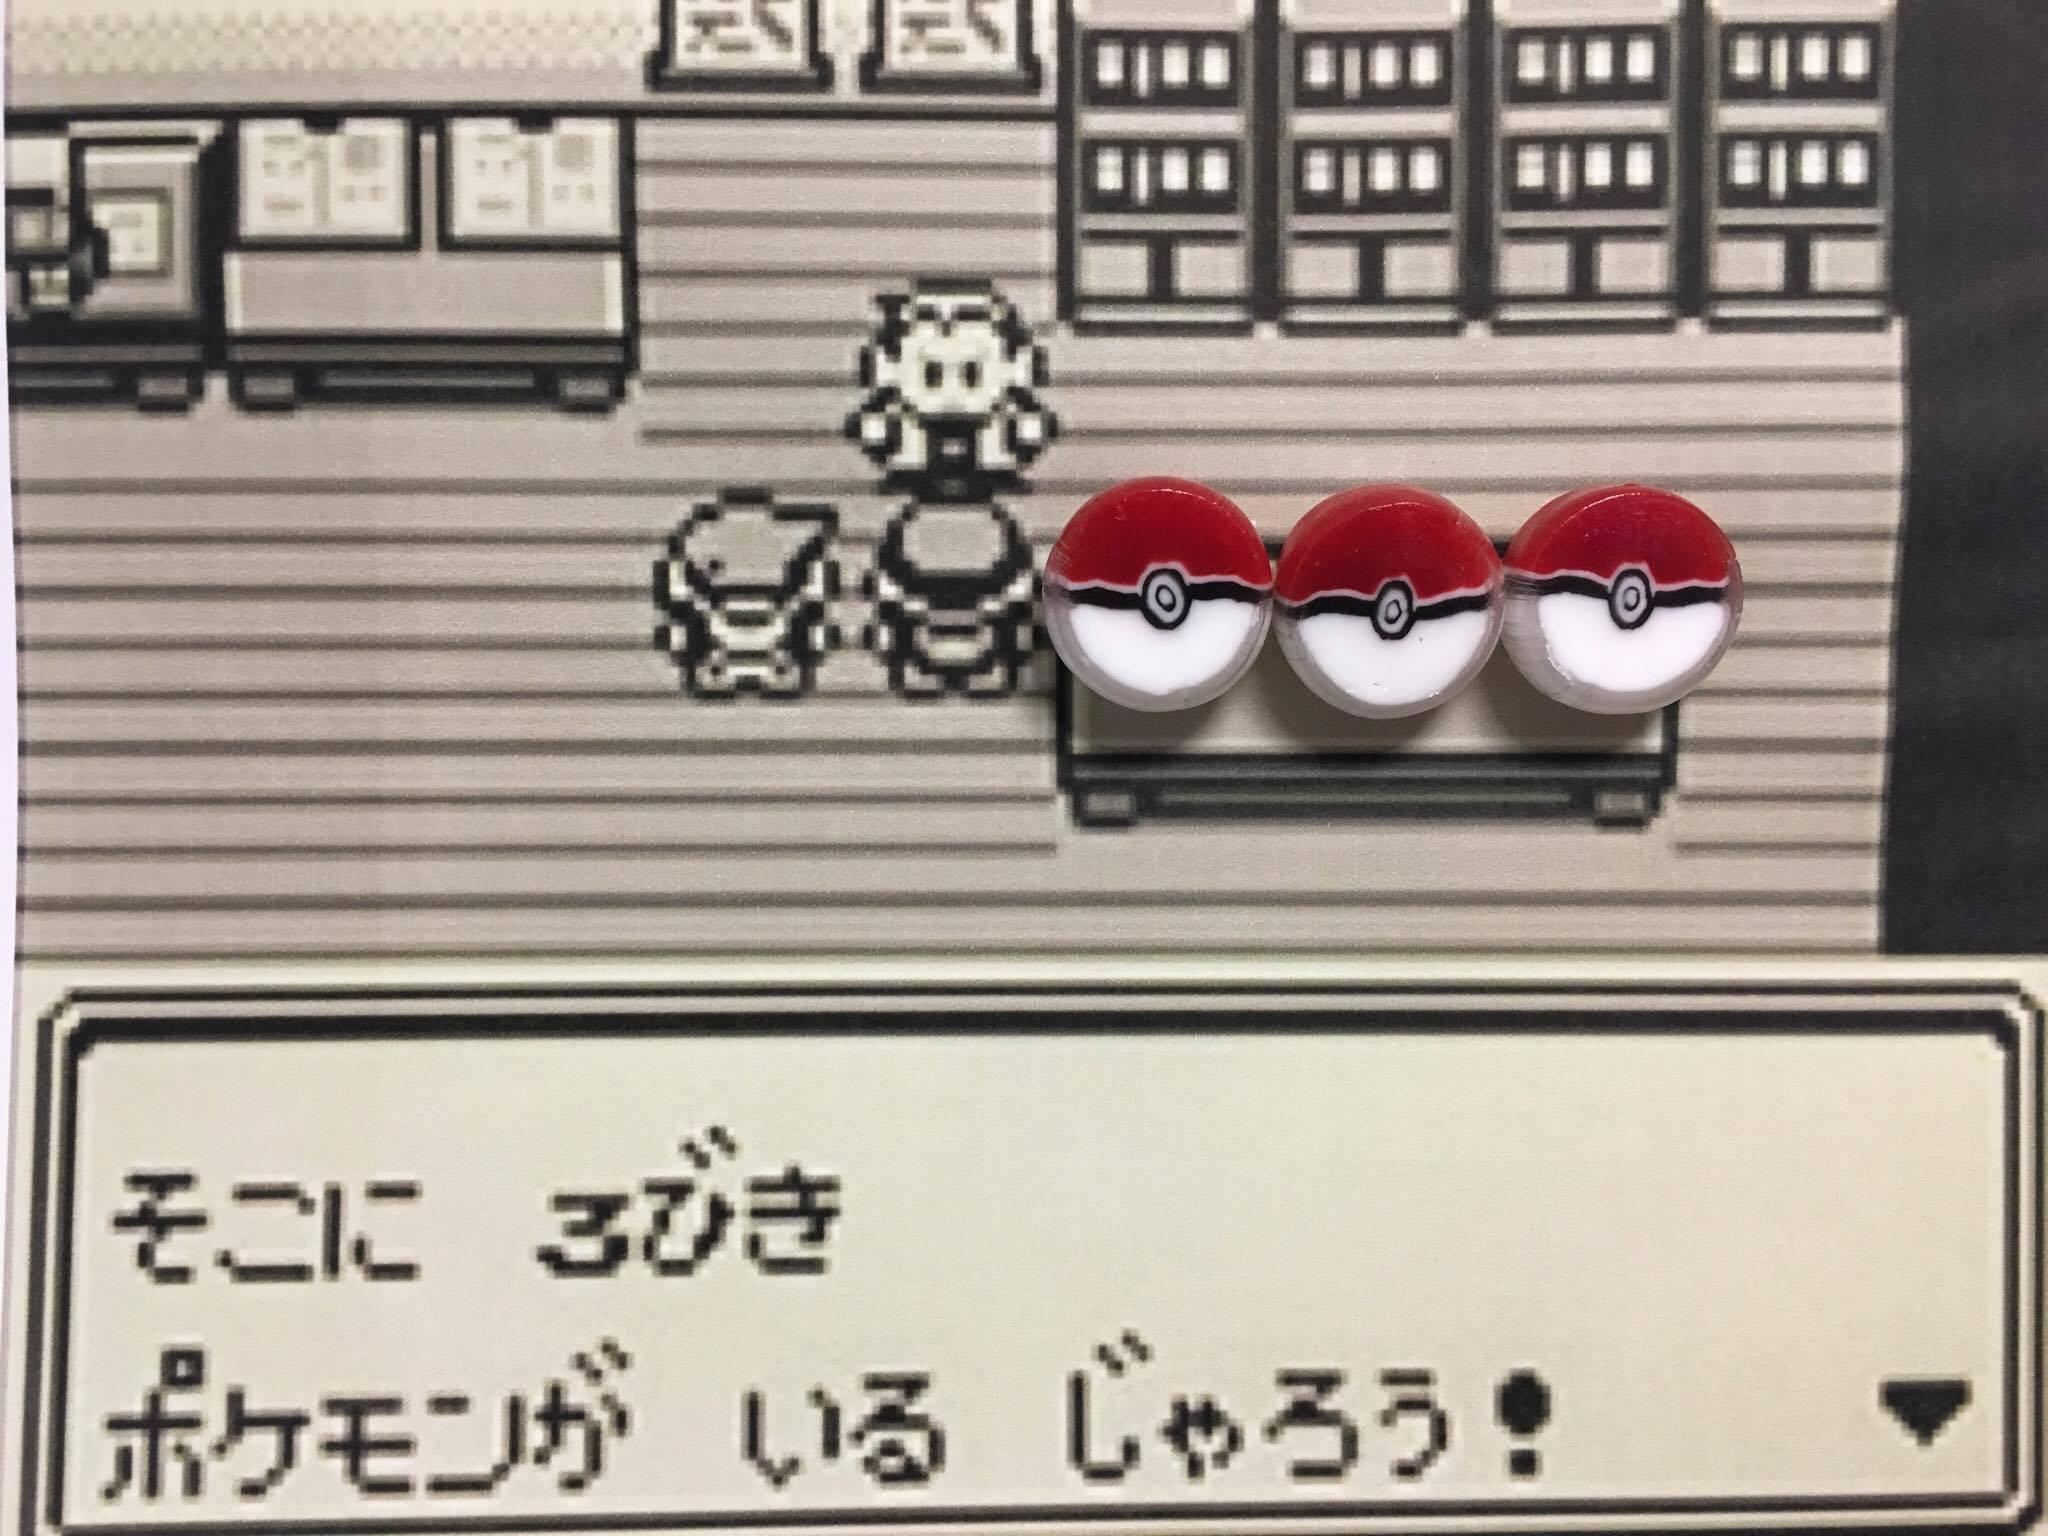 http://design.myame.jp/upload/images/13718007_1251685658198486_405757164_o.jpg